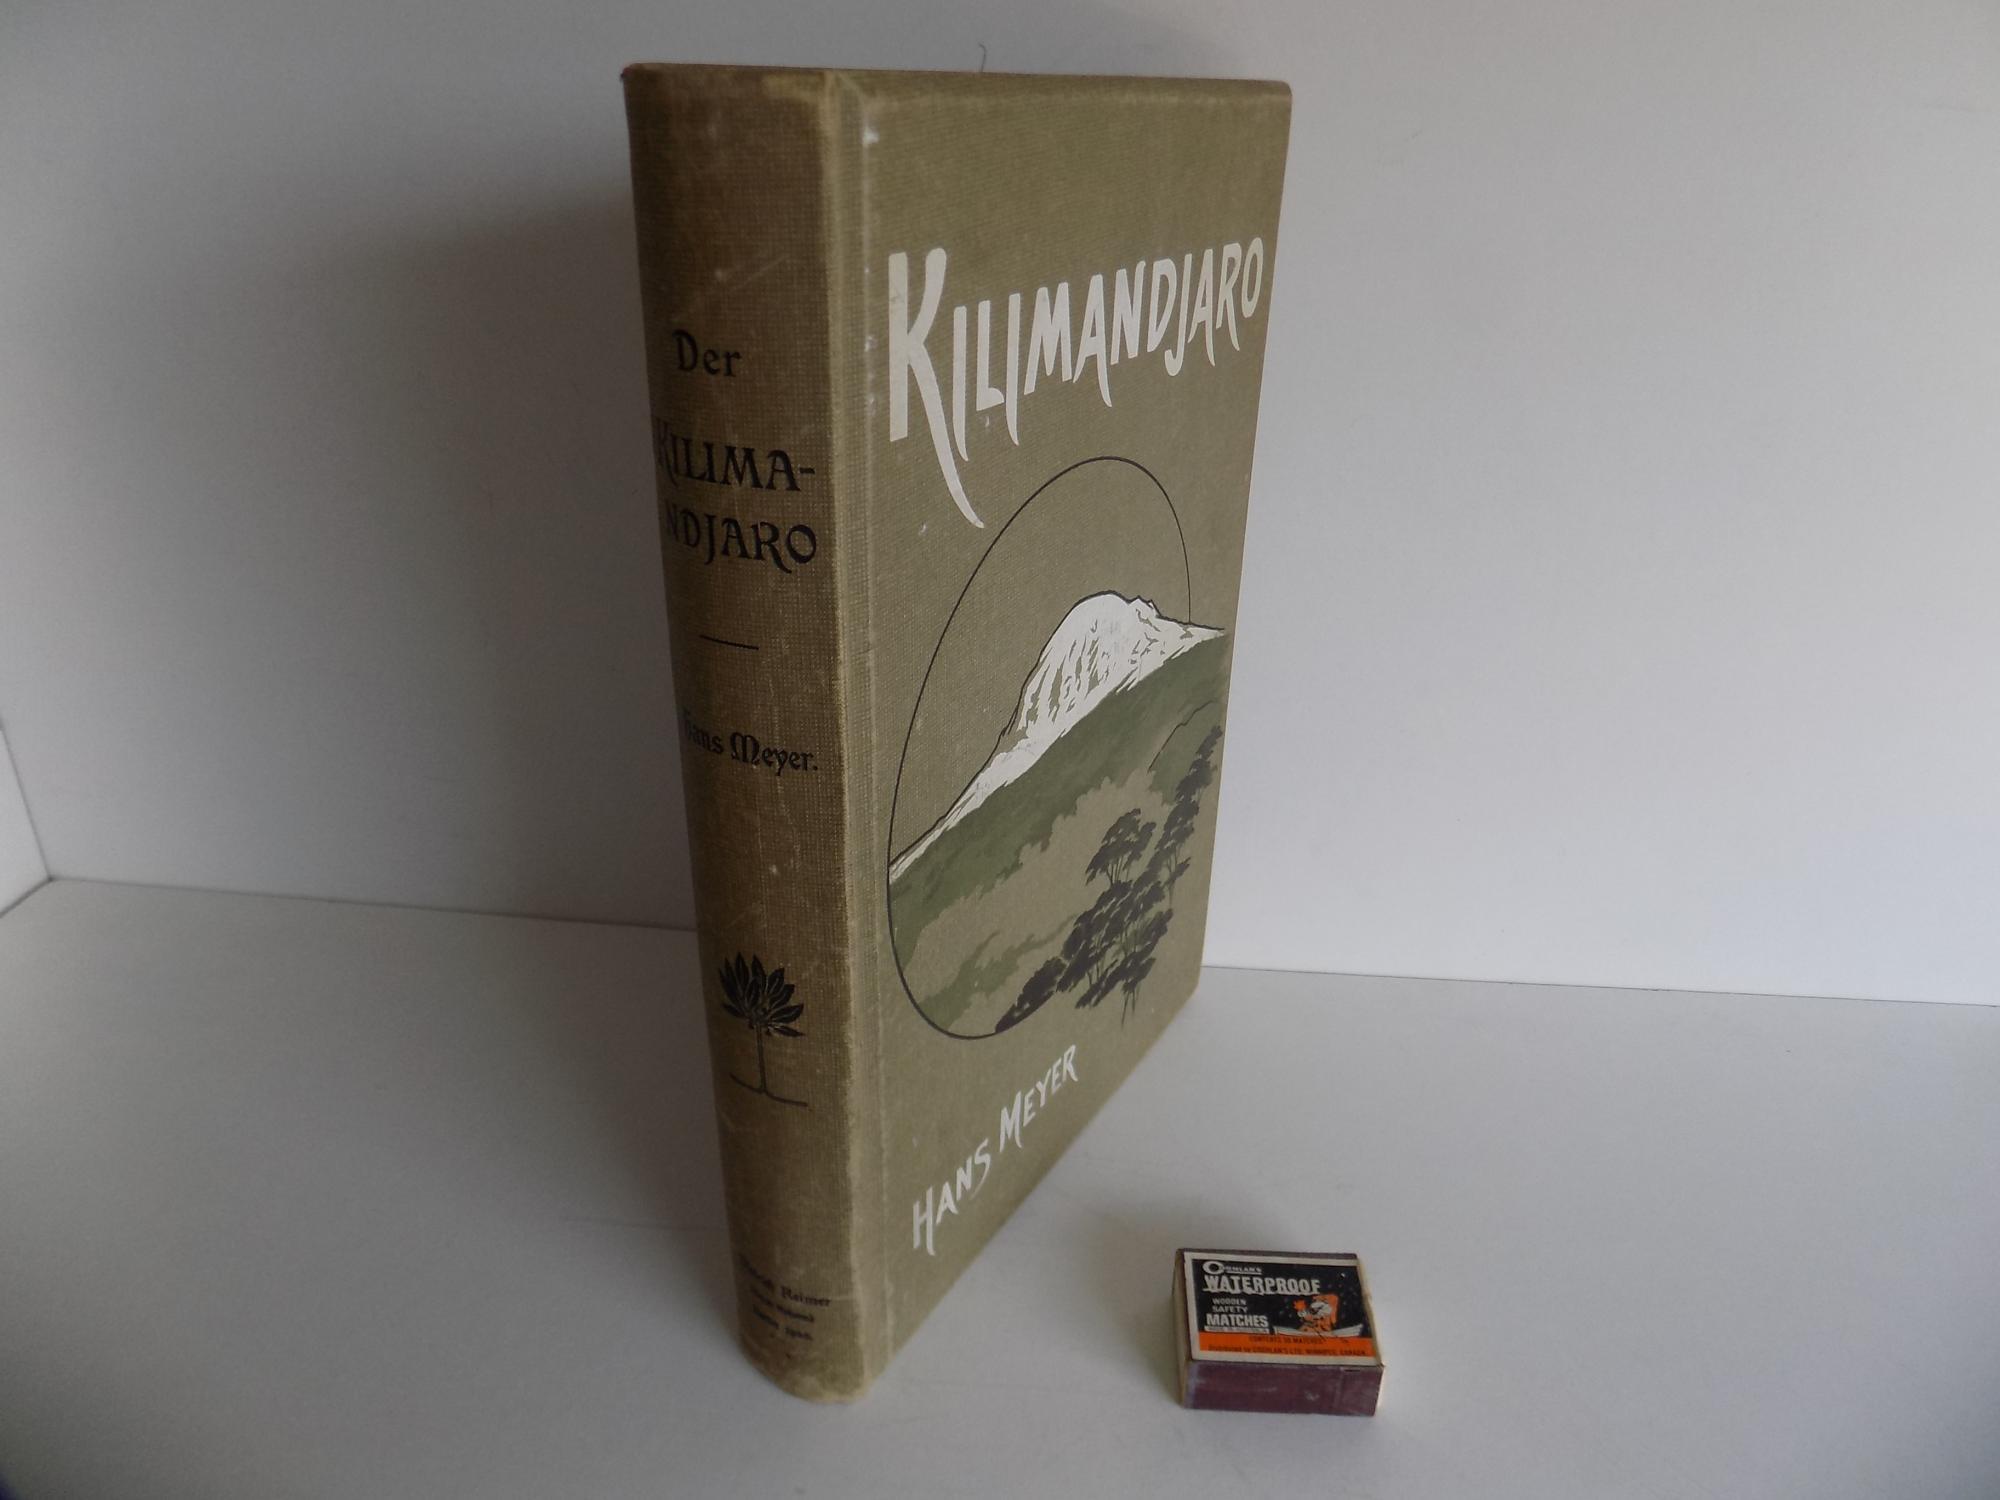 Der Kilimandjaro [Kilimandscharo]. Reisen und Studien. Mit: Meyer, Hans